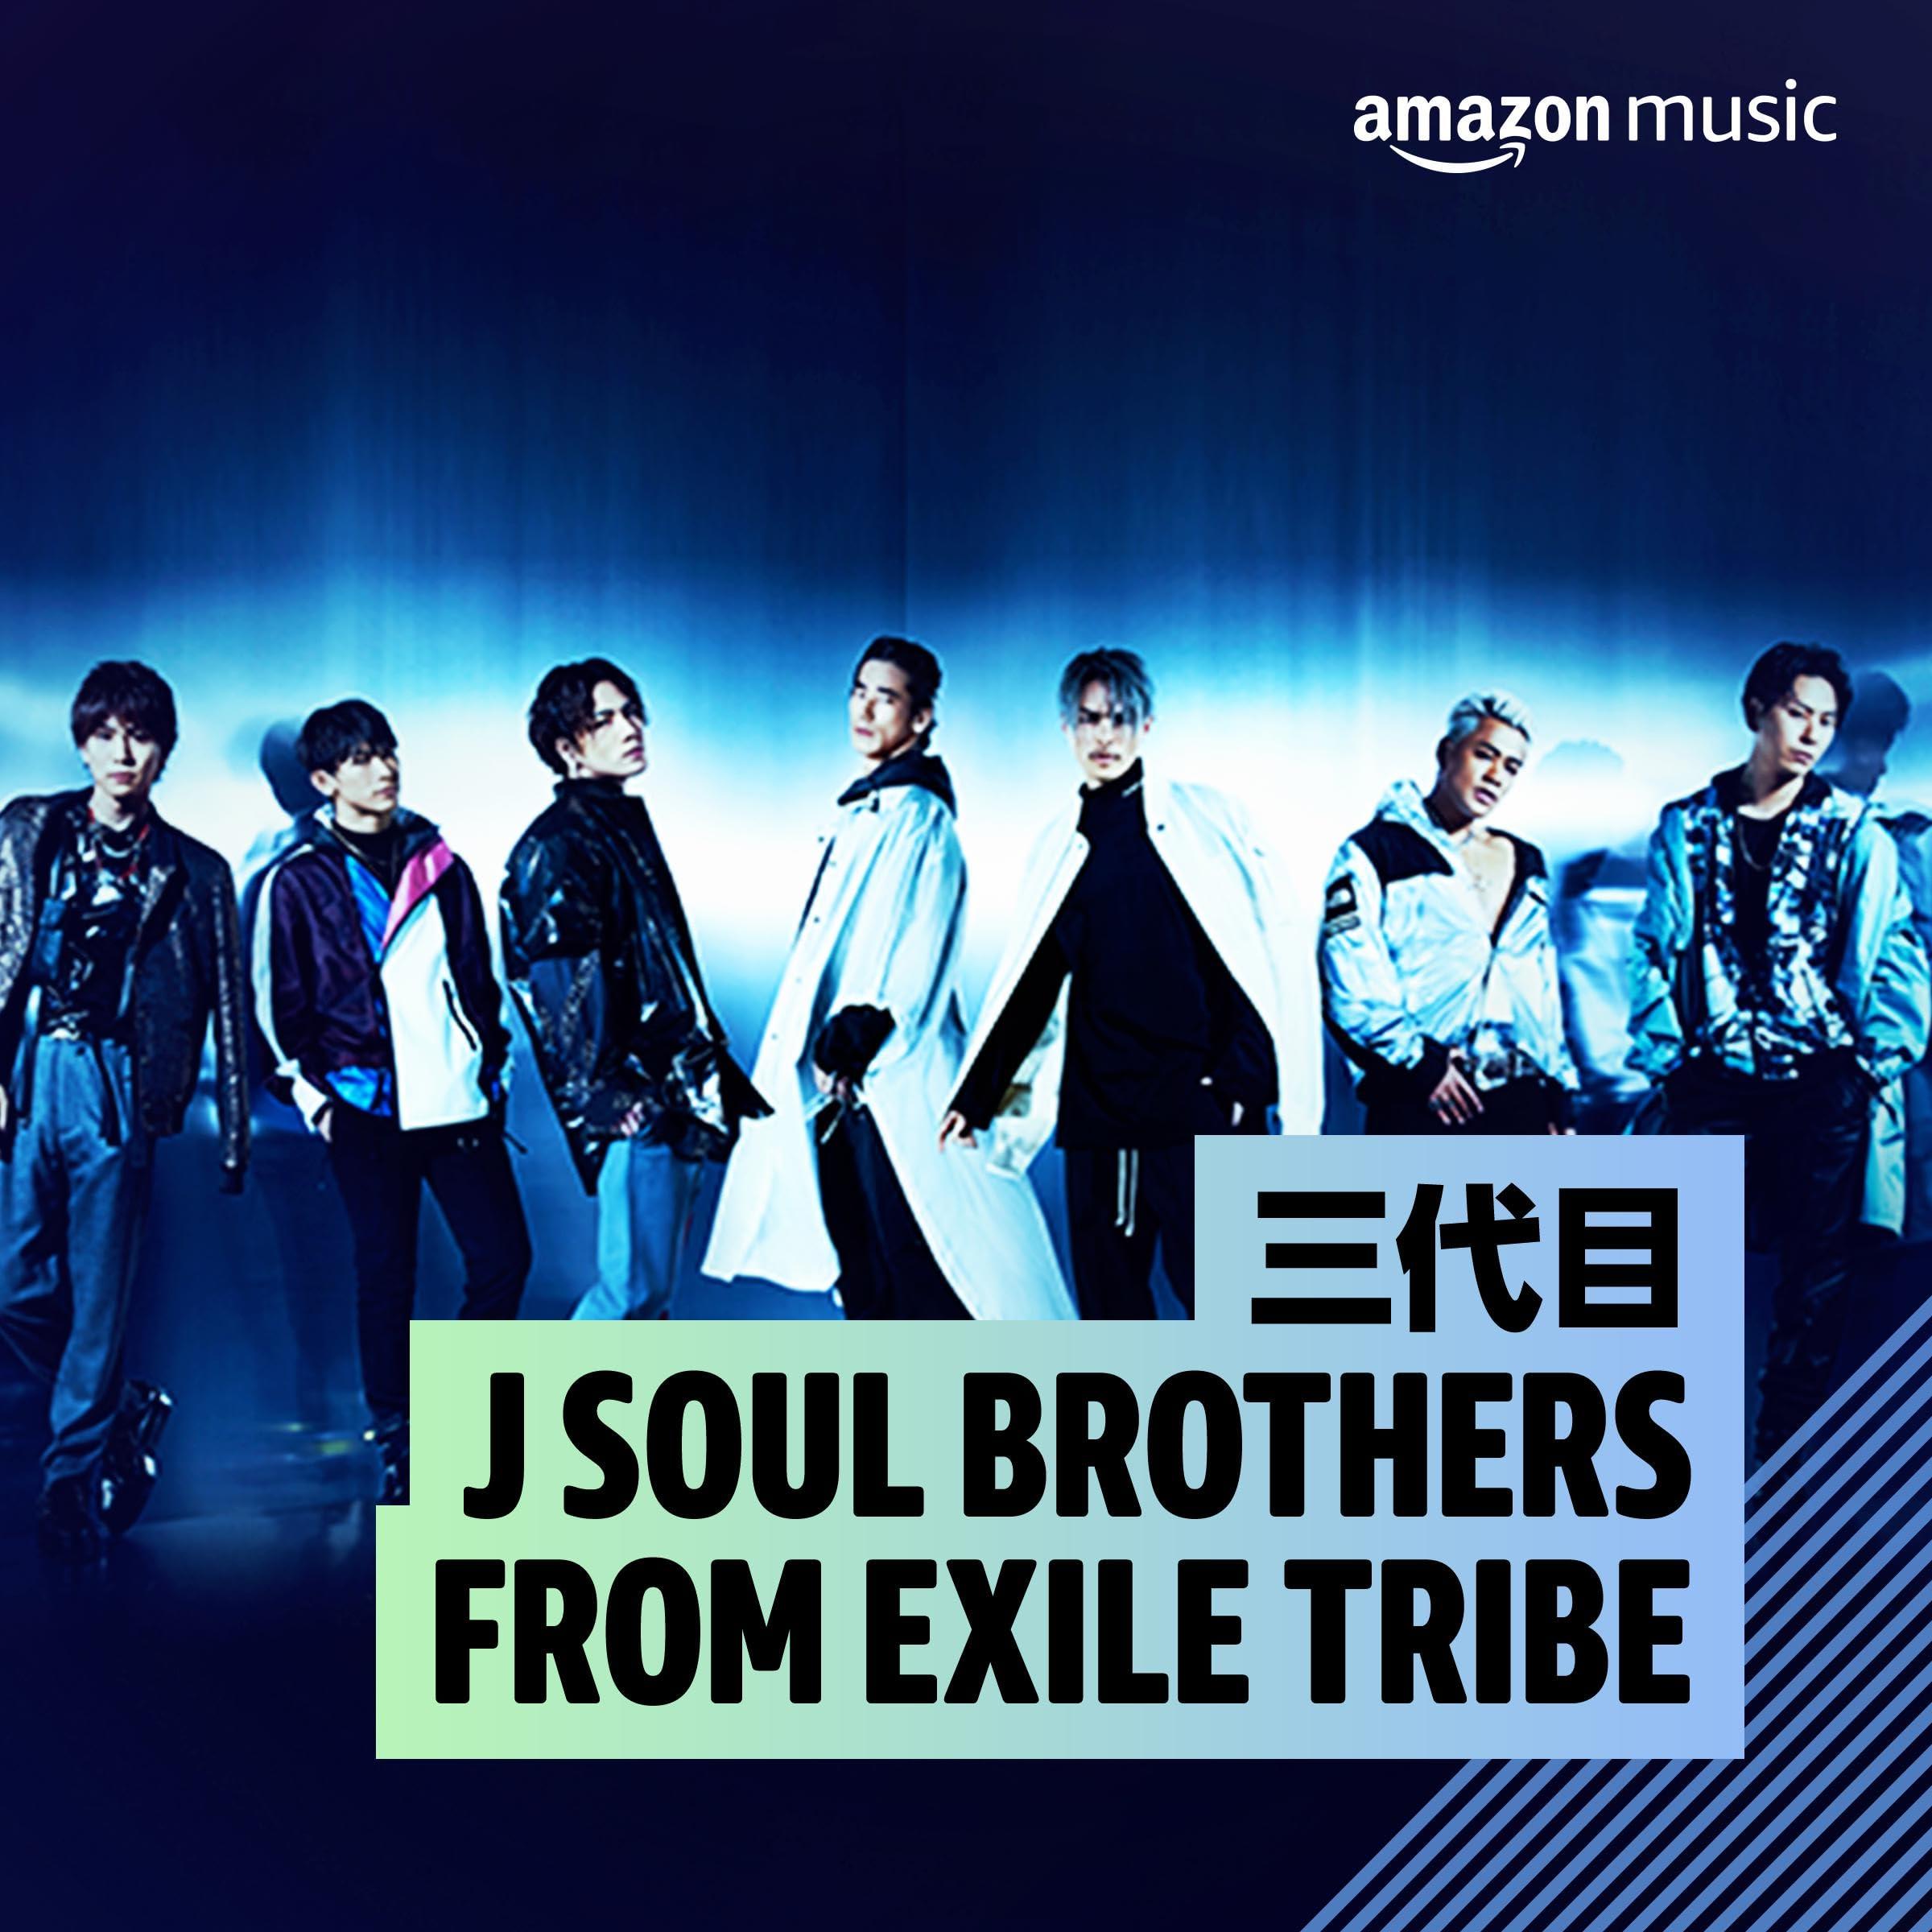 三代目 J Soul Brothers from EXILE TRIBEを聴いているお客様におすすめ